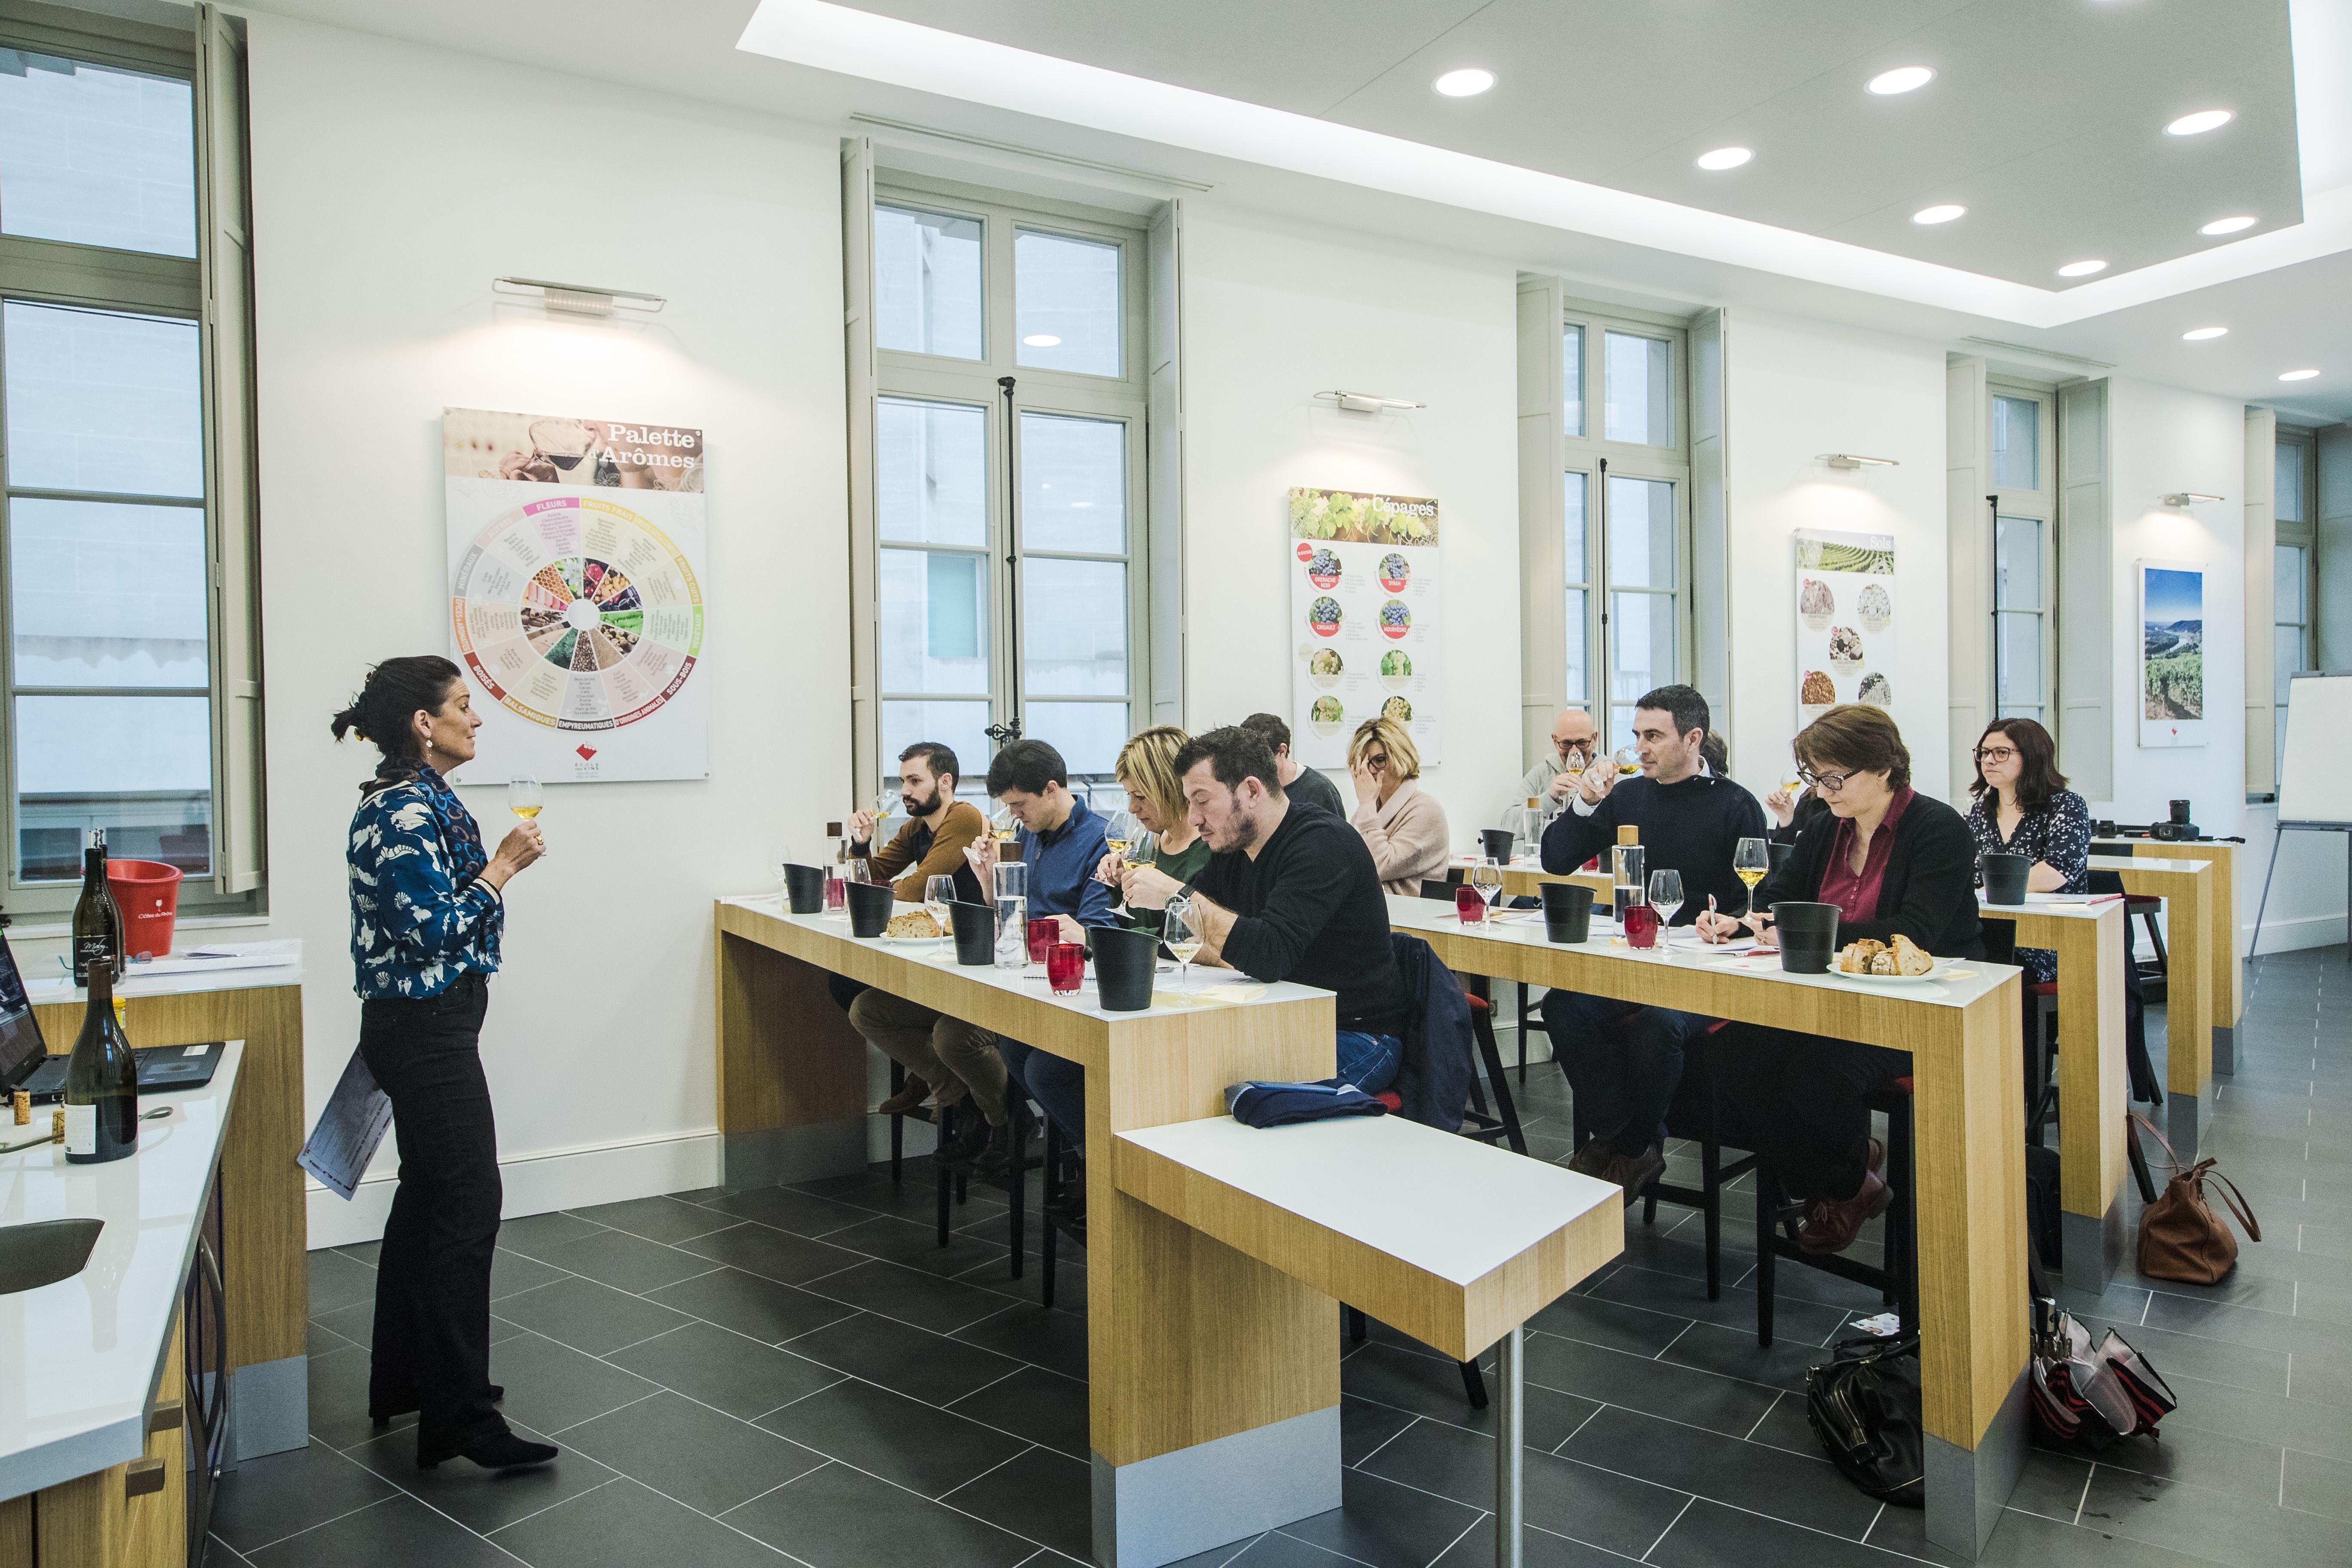 Ecole des vins- Rhône Valley wine tasting session